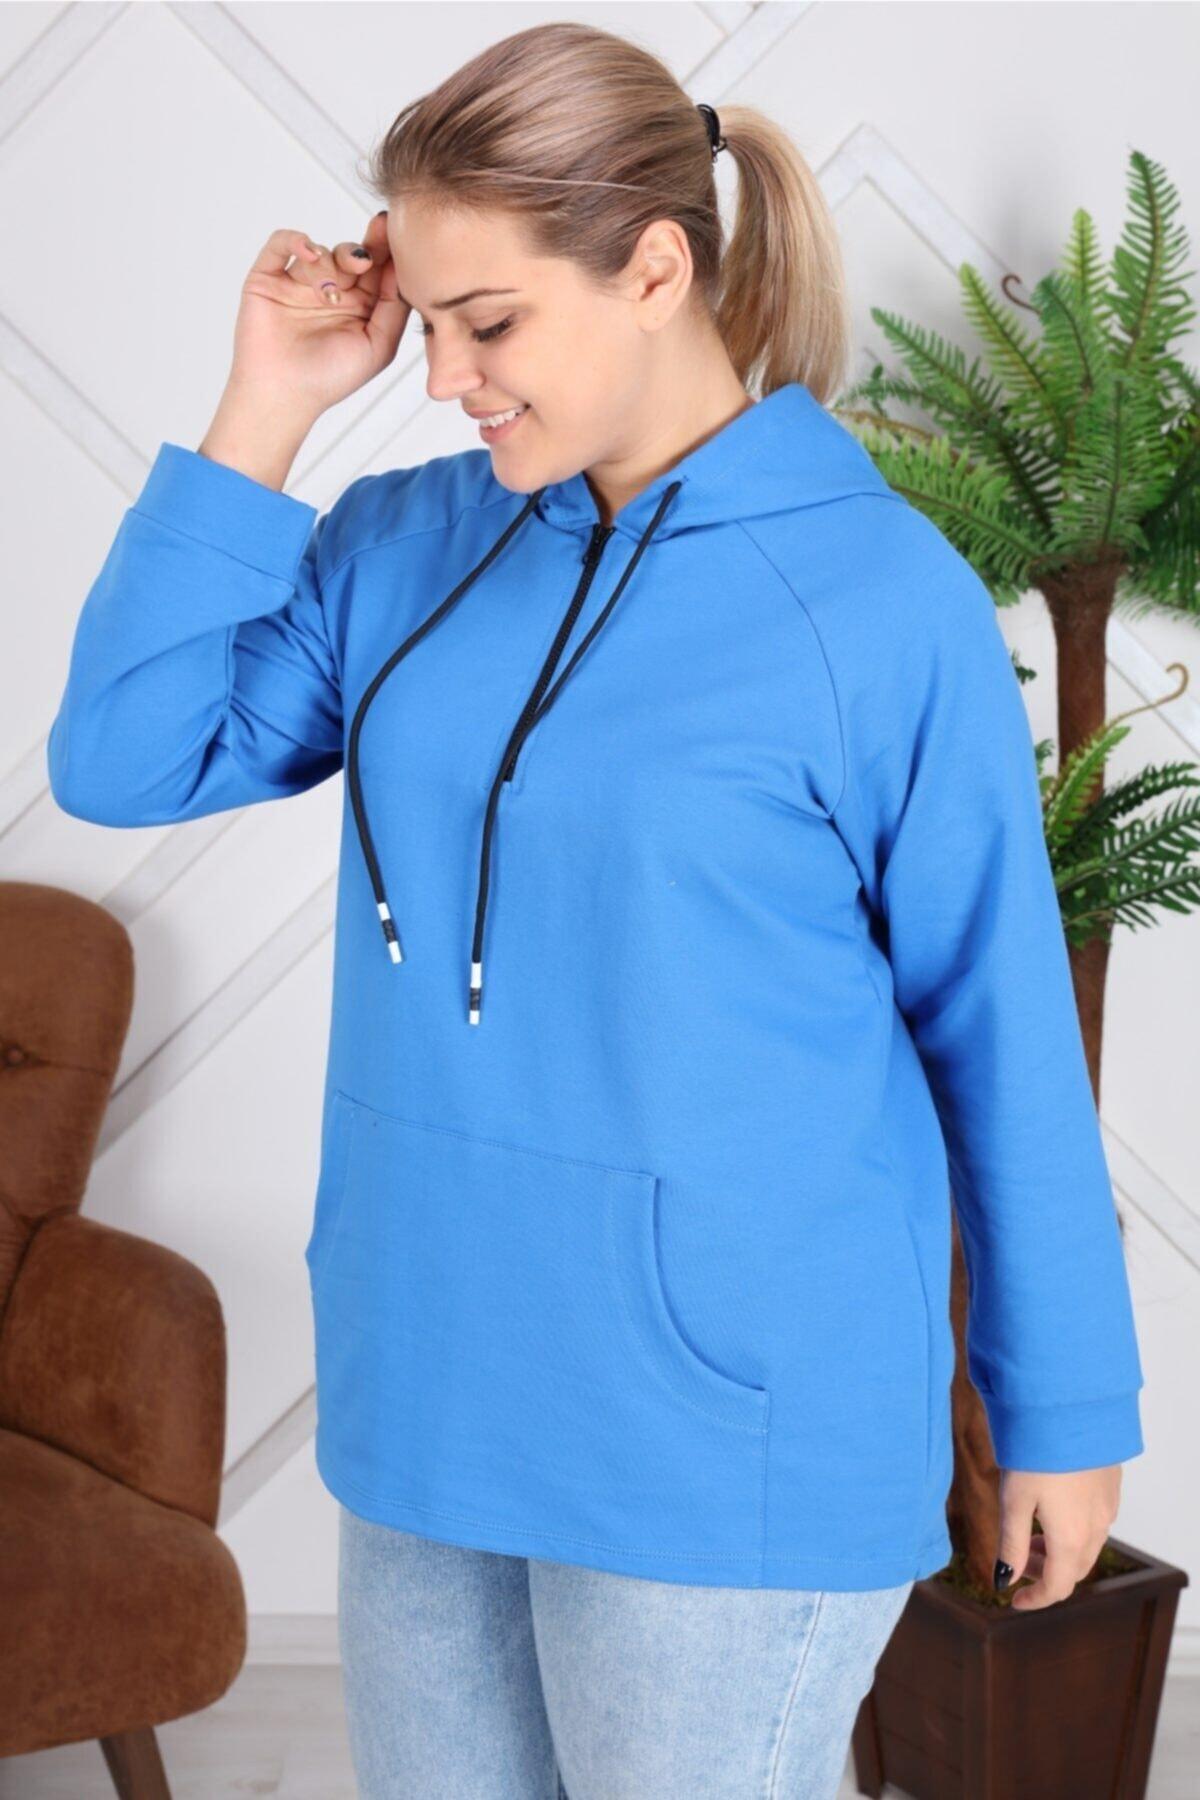 RMG Kapşonu Şerit Detaylı Fermuarlı Büyük Beden Mavi Sweatshirt 2